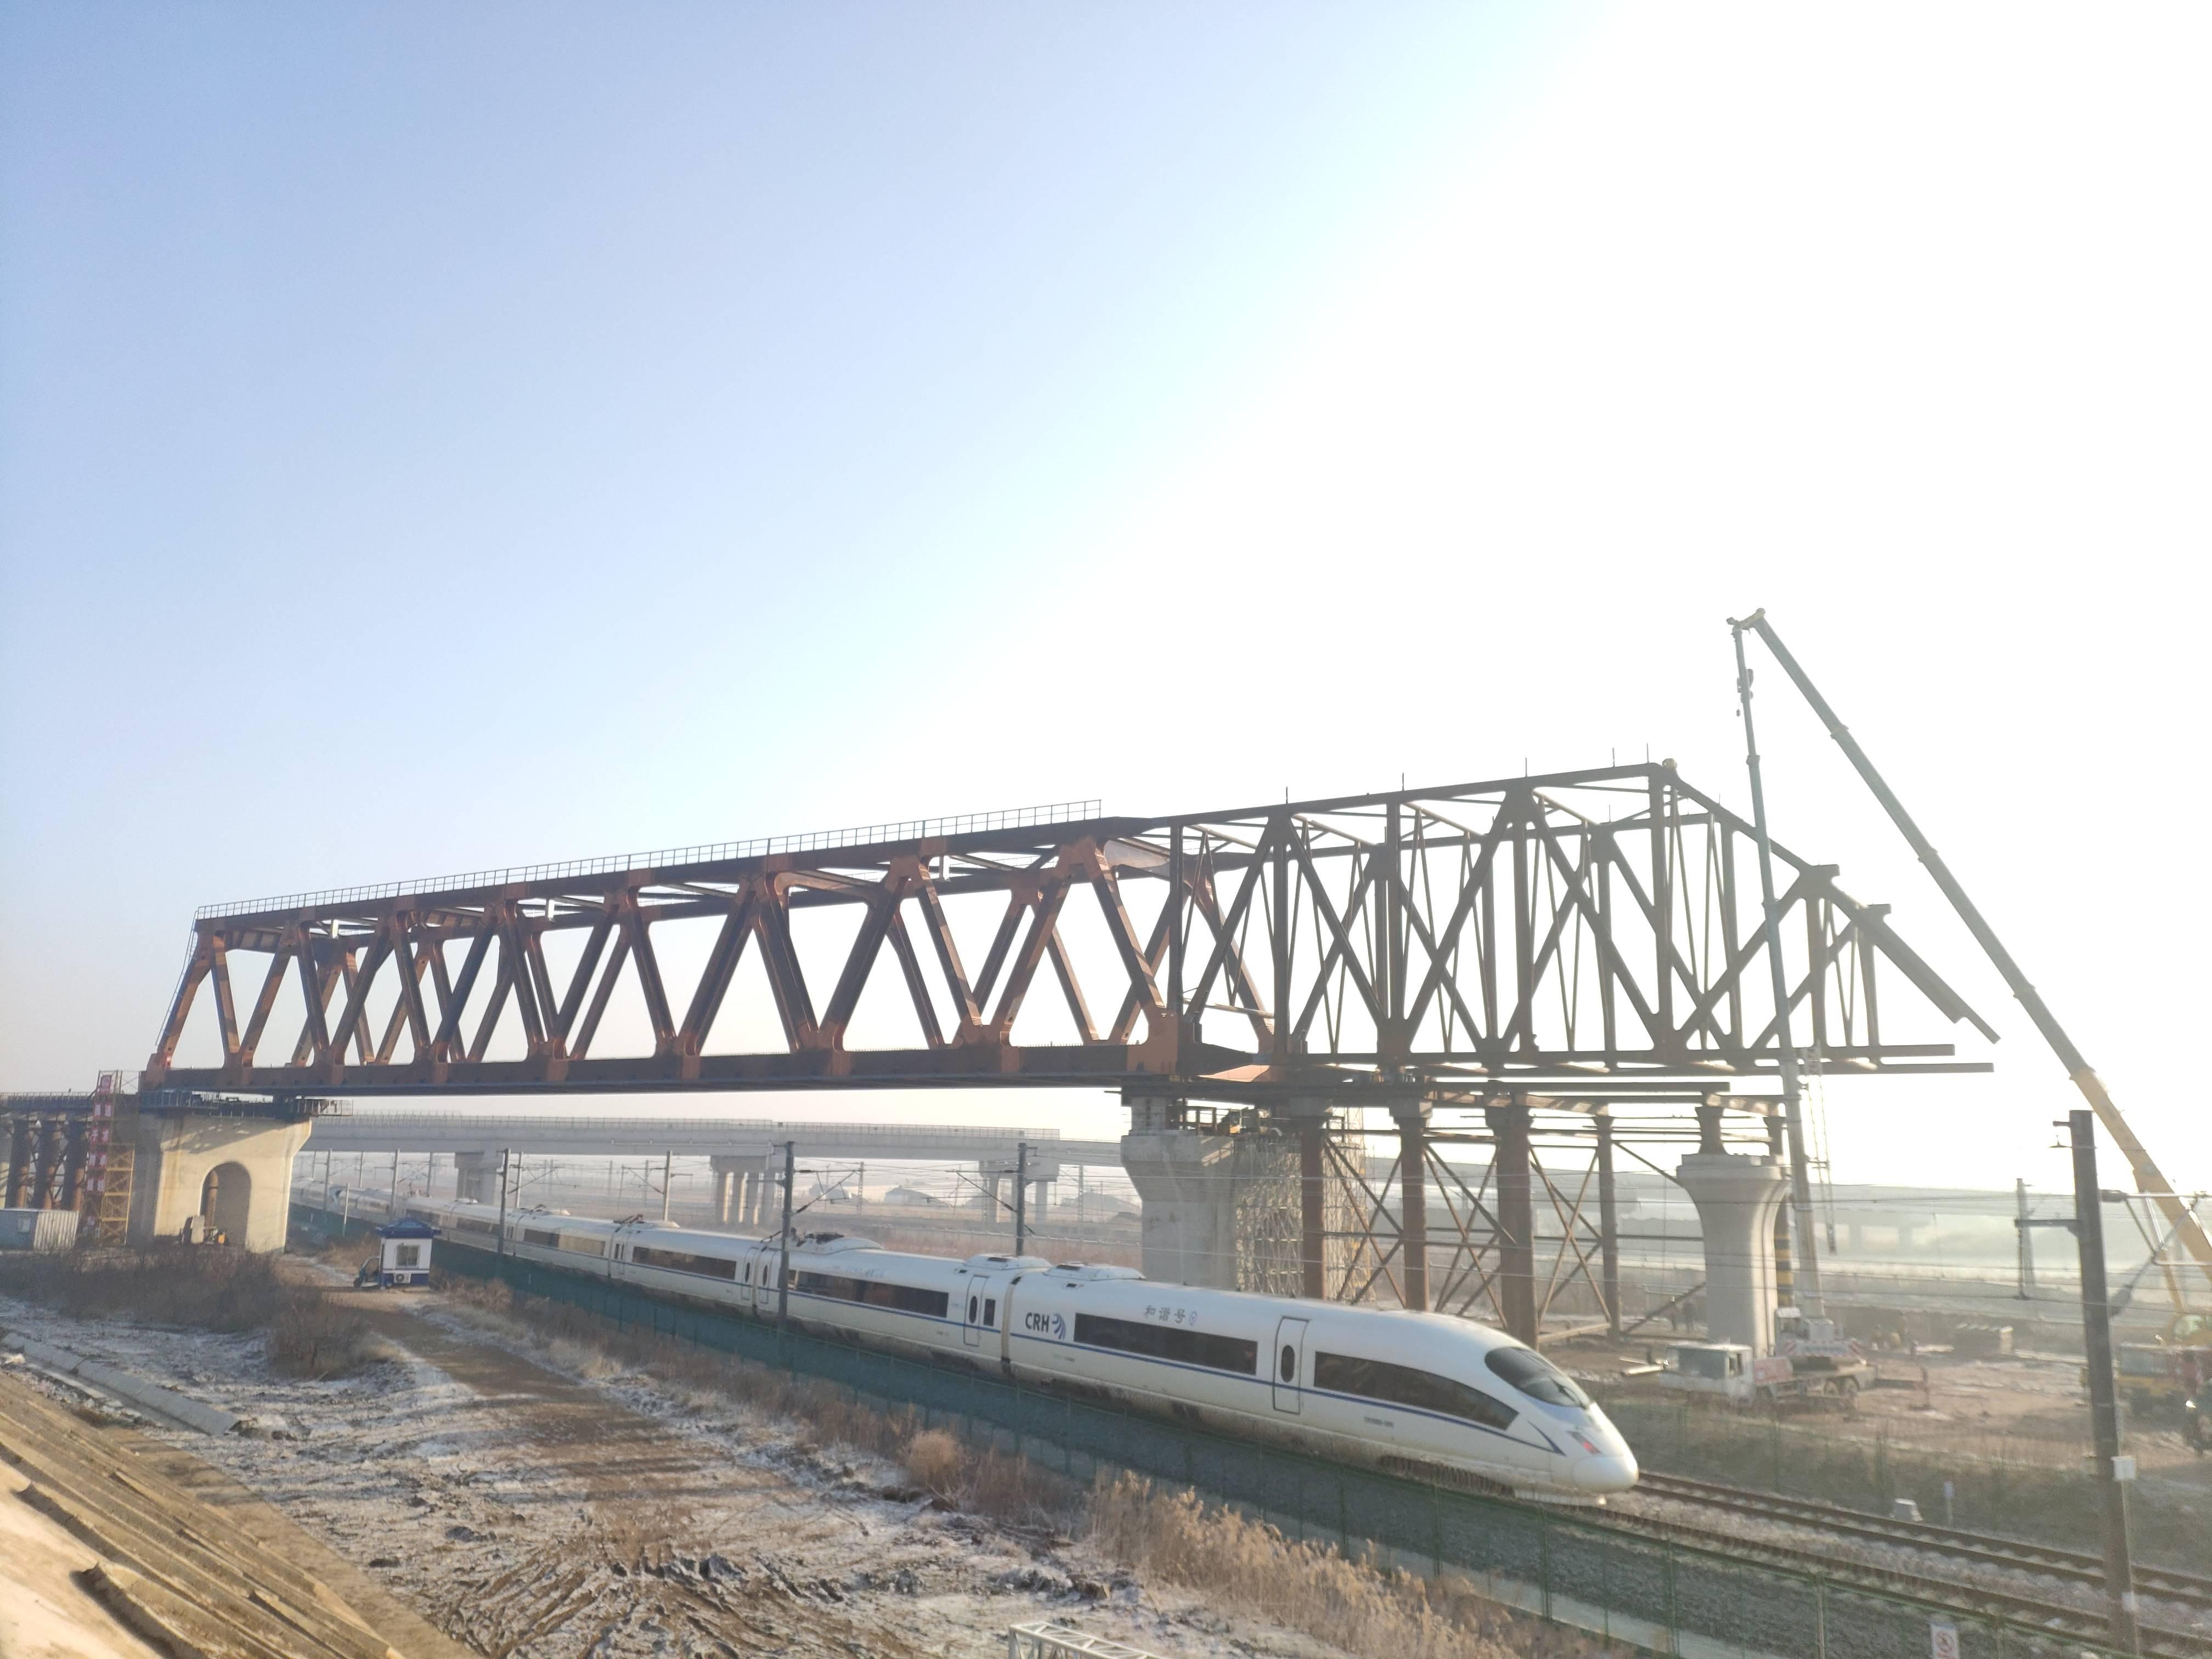 潍莱高铁新进展!莱西段完成又一节点目标